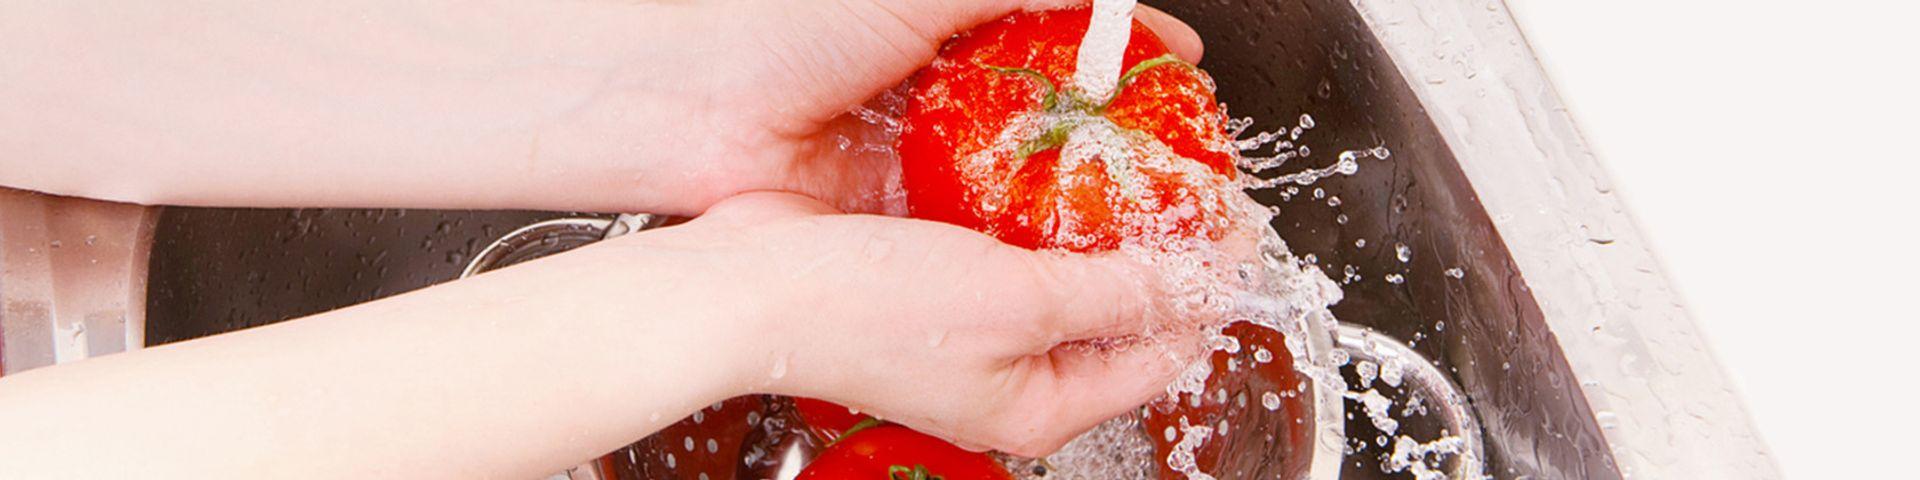 Seguridad e higiene en el sector hortofruticola